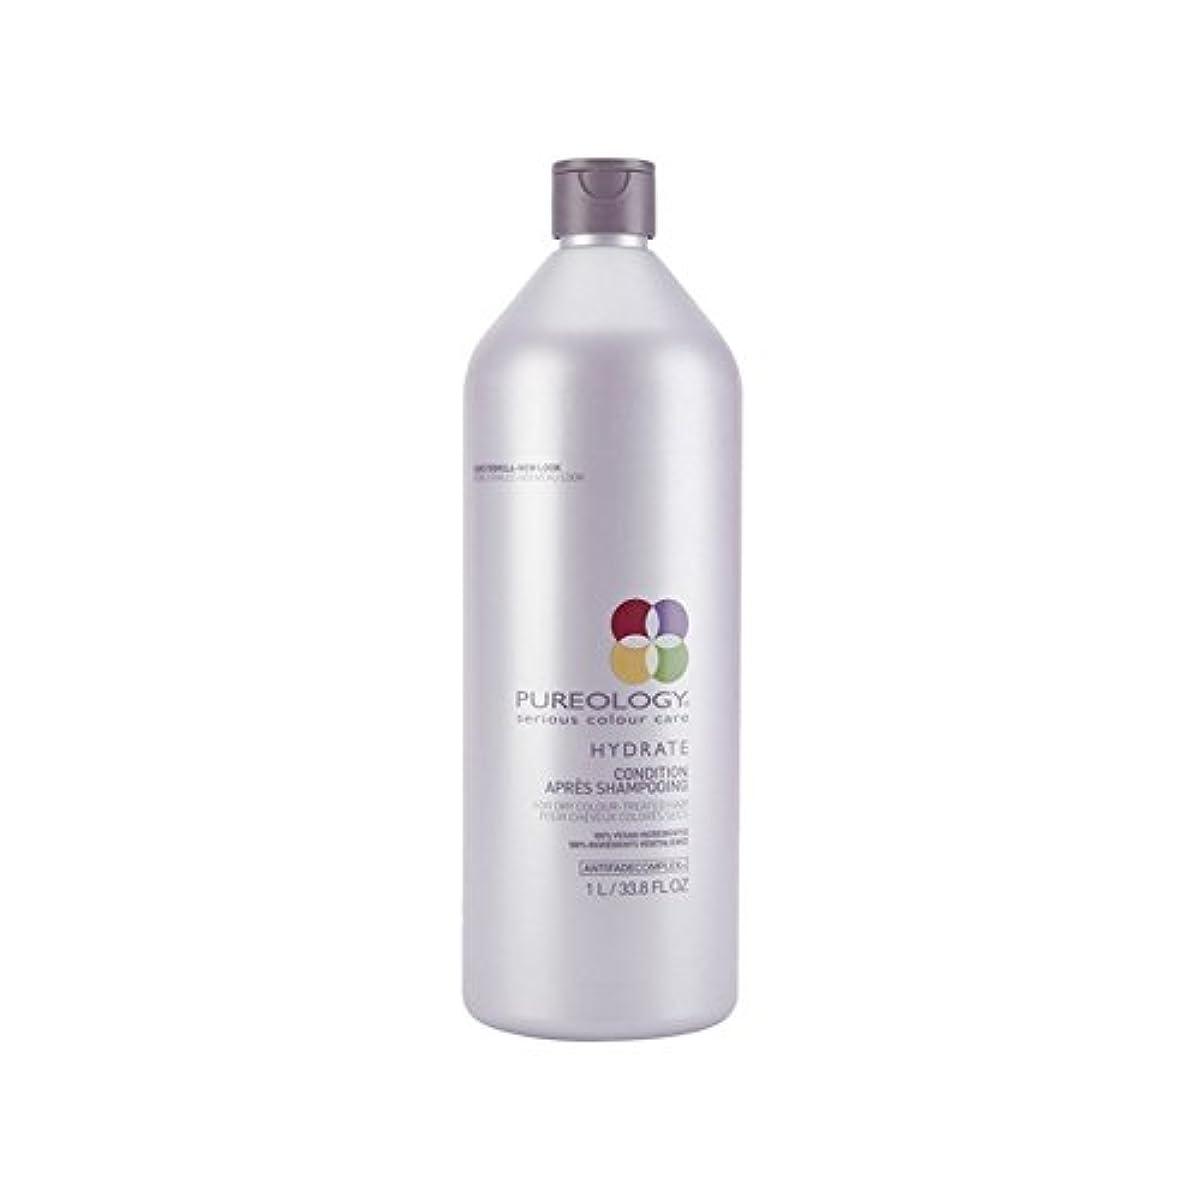 妊娠した純度クリップ蝶Pureology Pure Hydrate Conditioner (1000ml) (Pack of 6) - 純粋な水和物コンディショナー(千ミリリットル) x6 [並行輸入品]